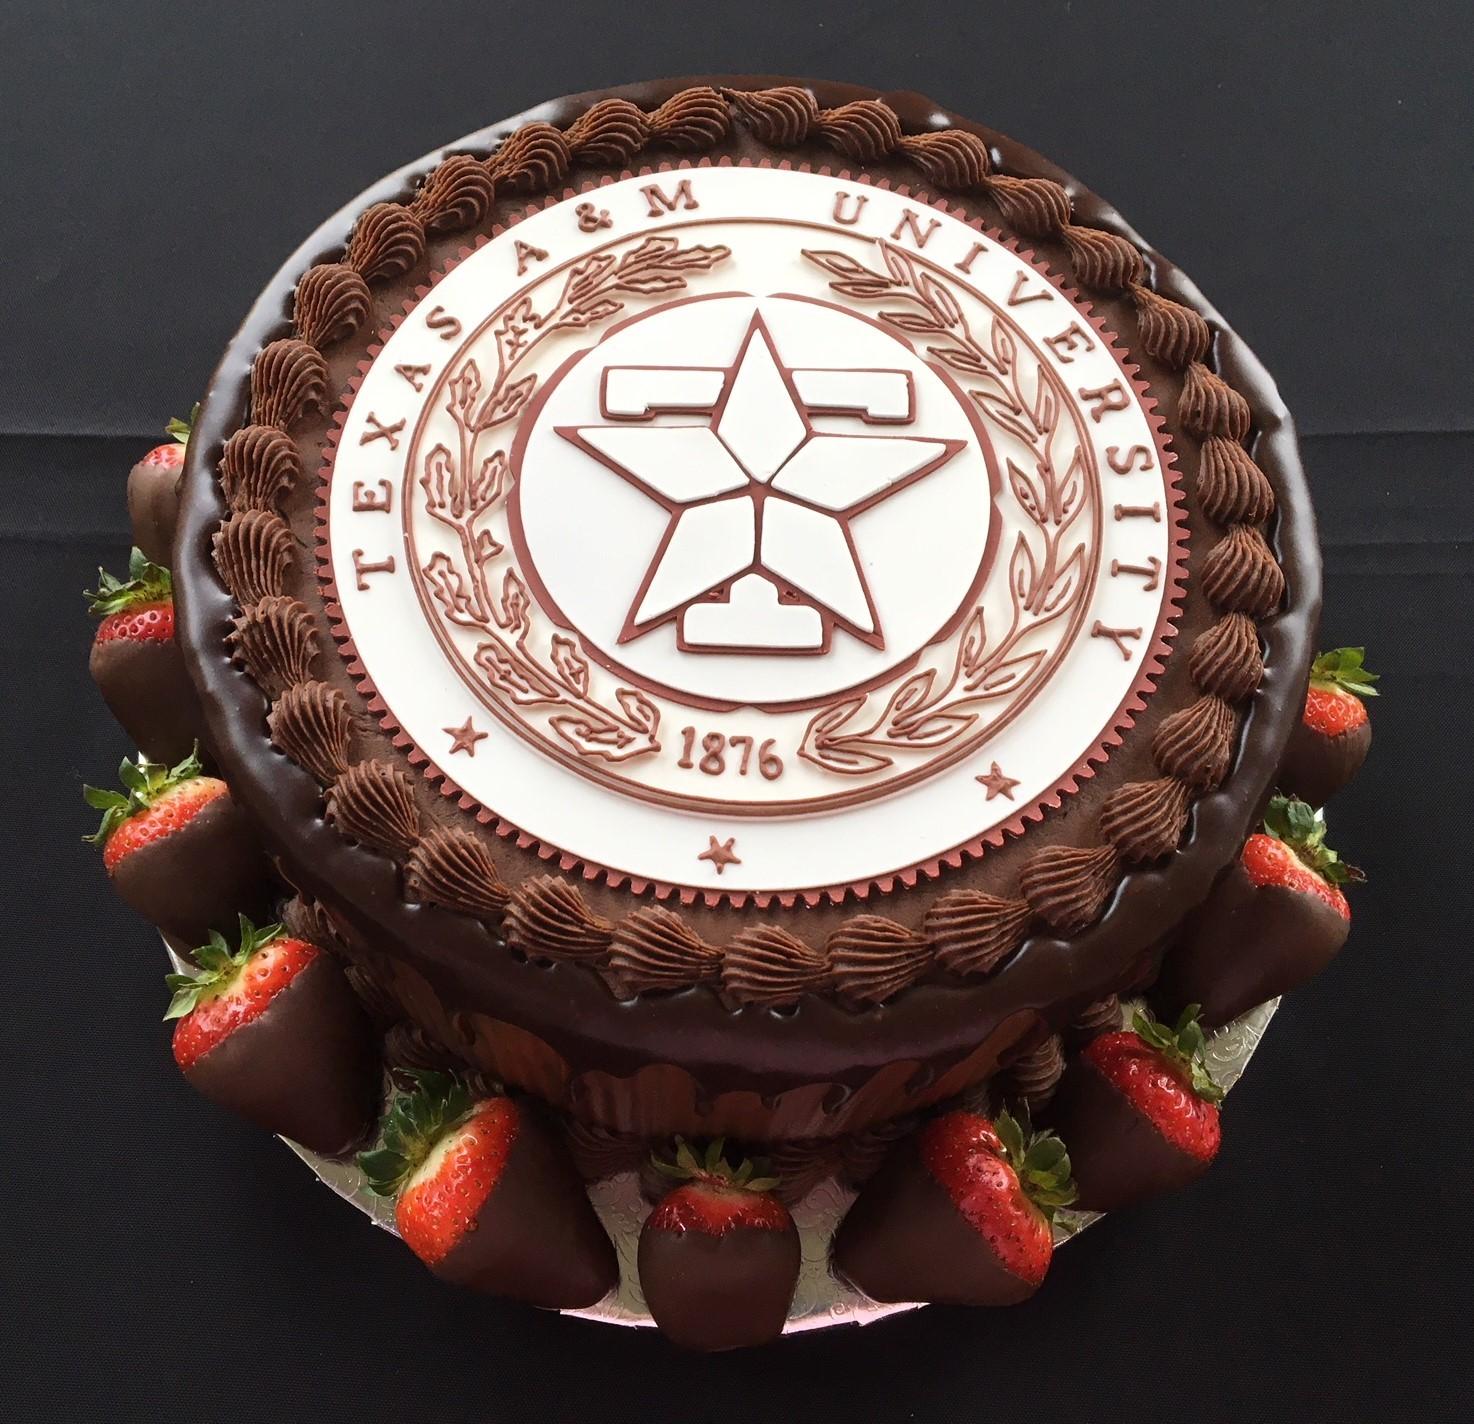 Texas A & M cake